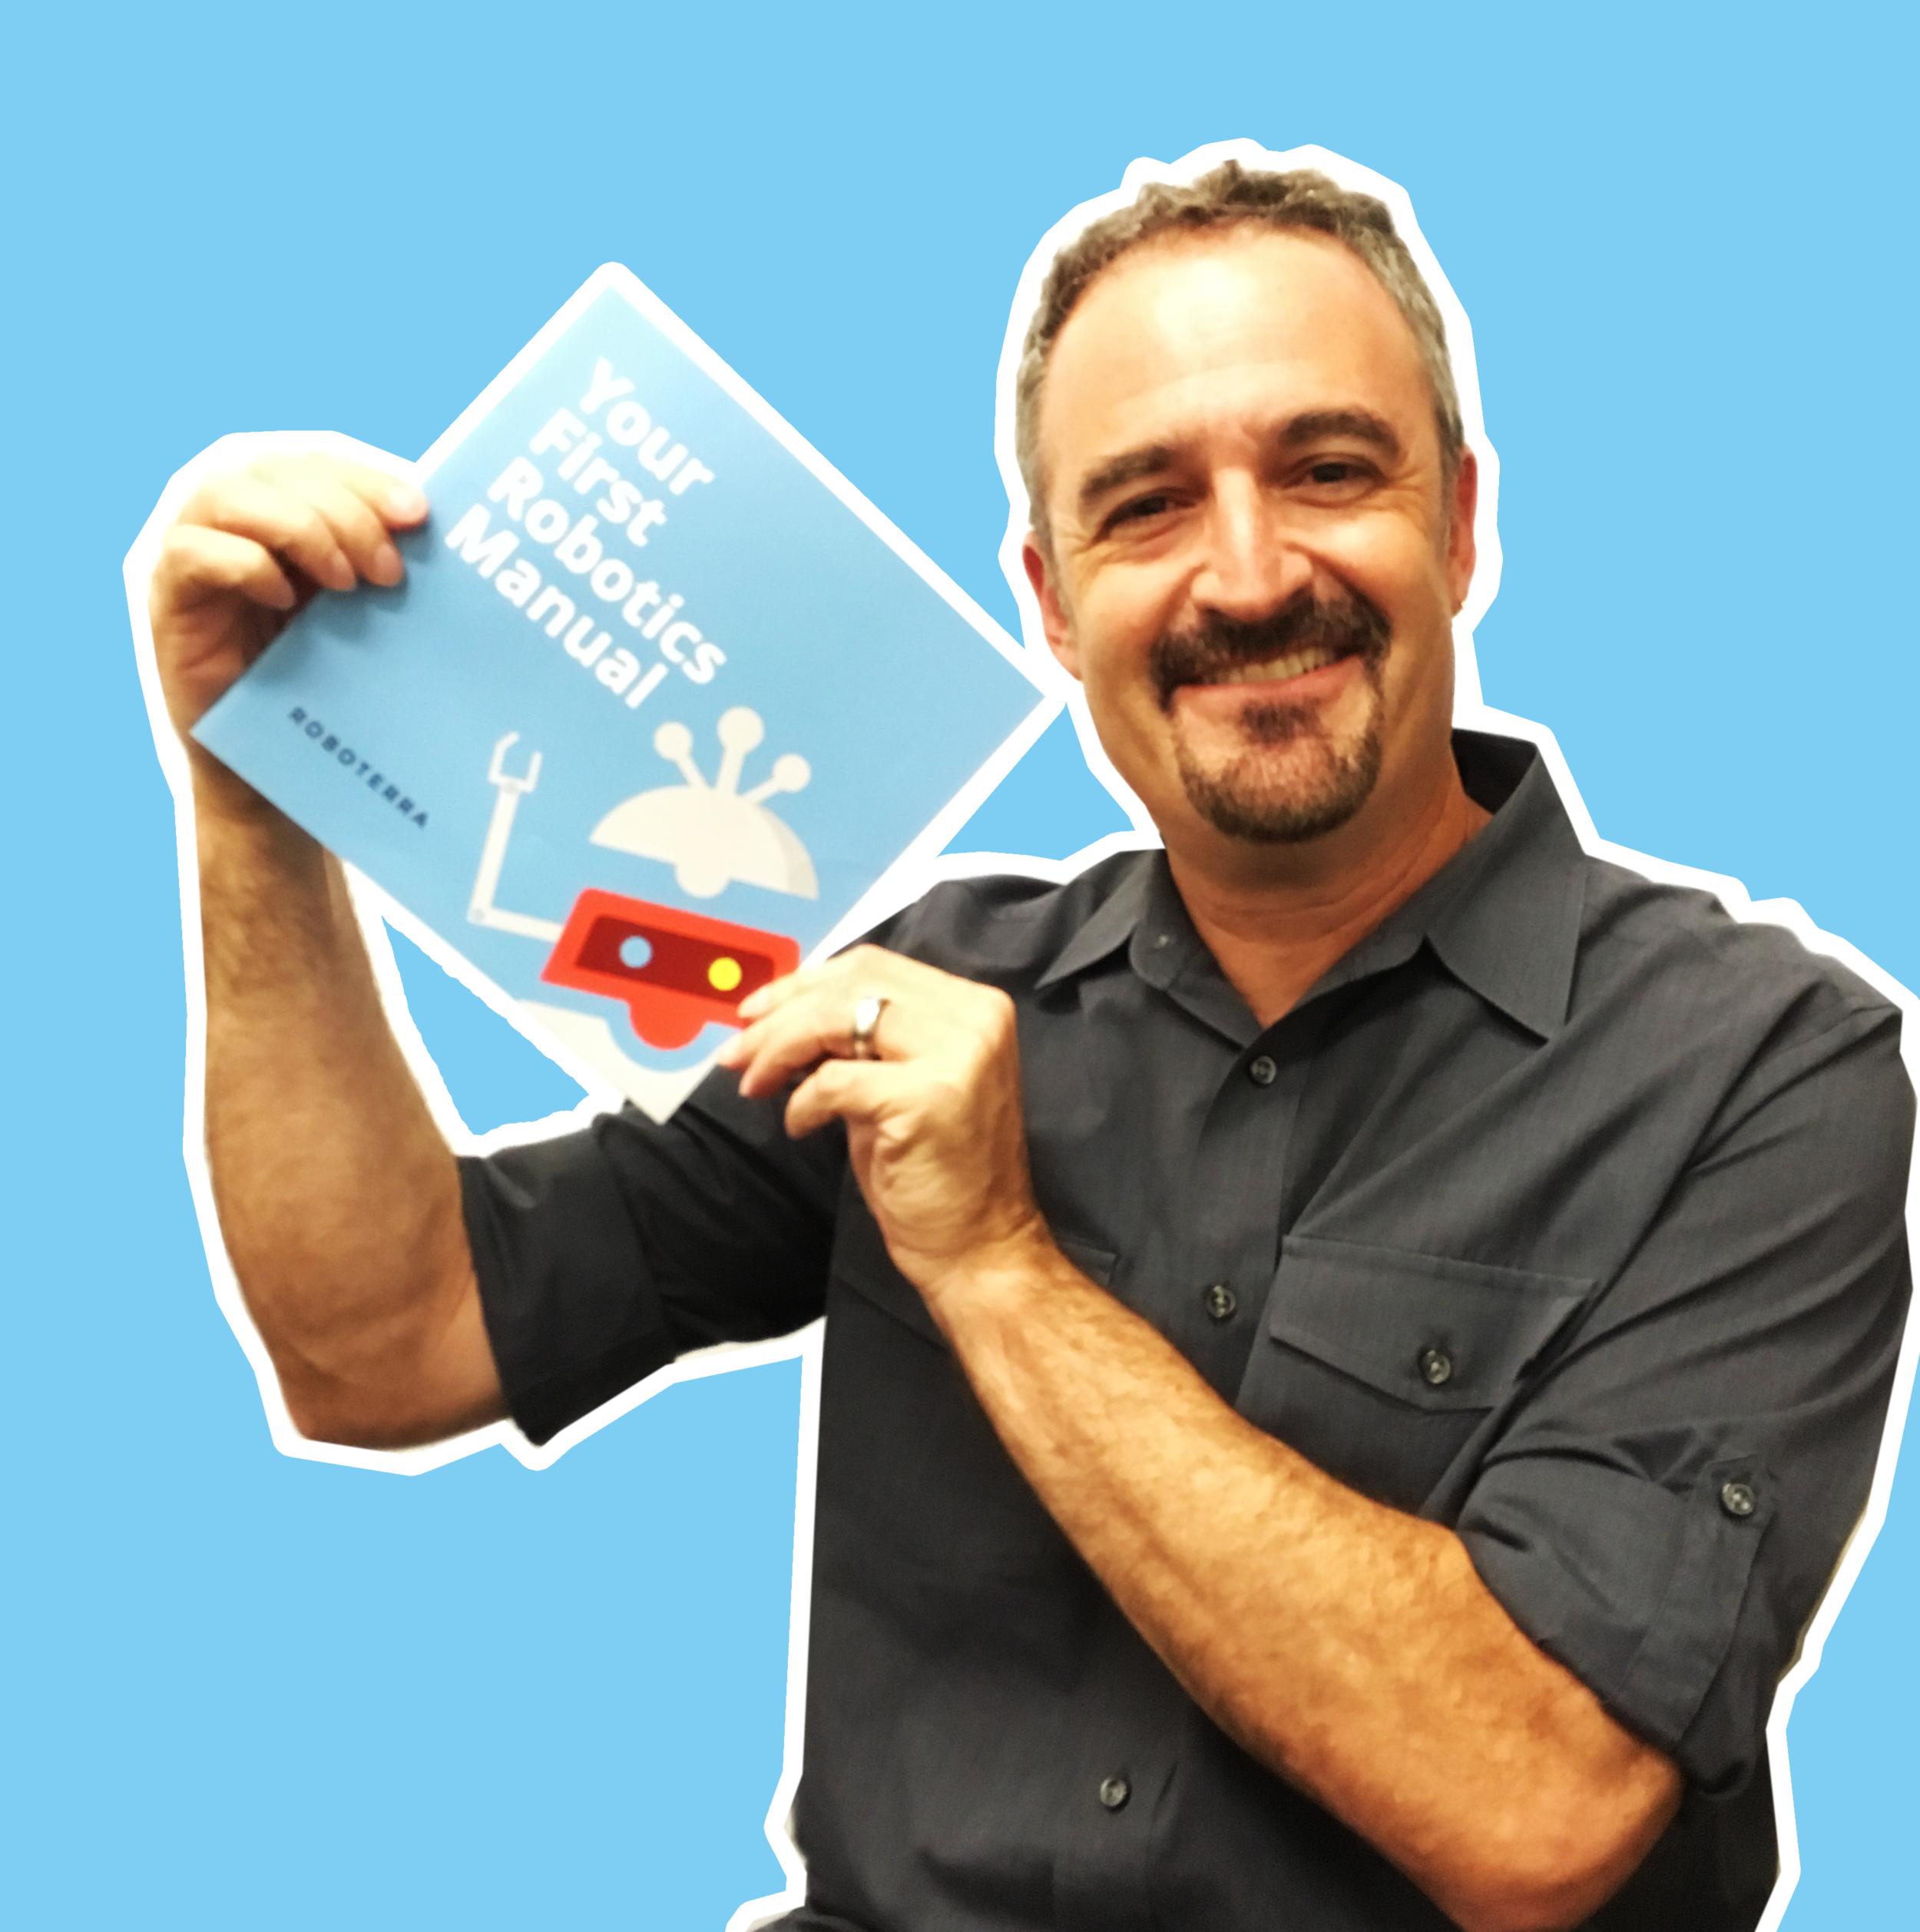 Scott Rossi (UI/UX Designer)